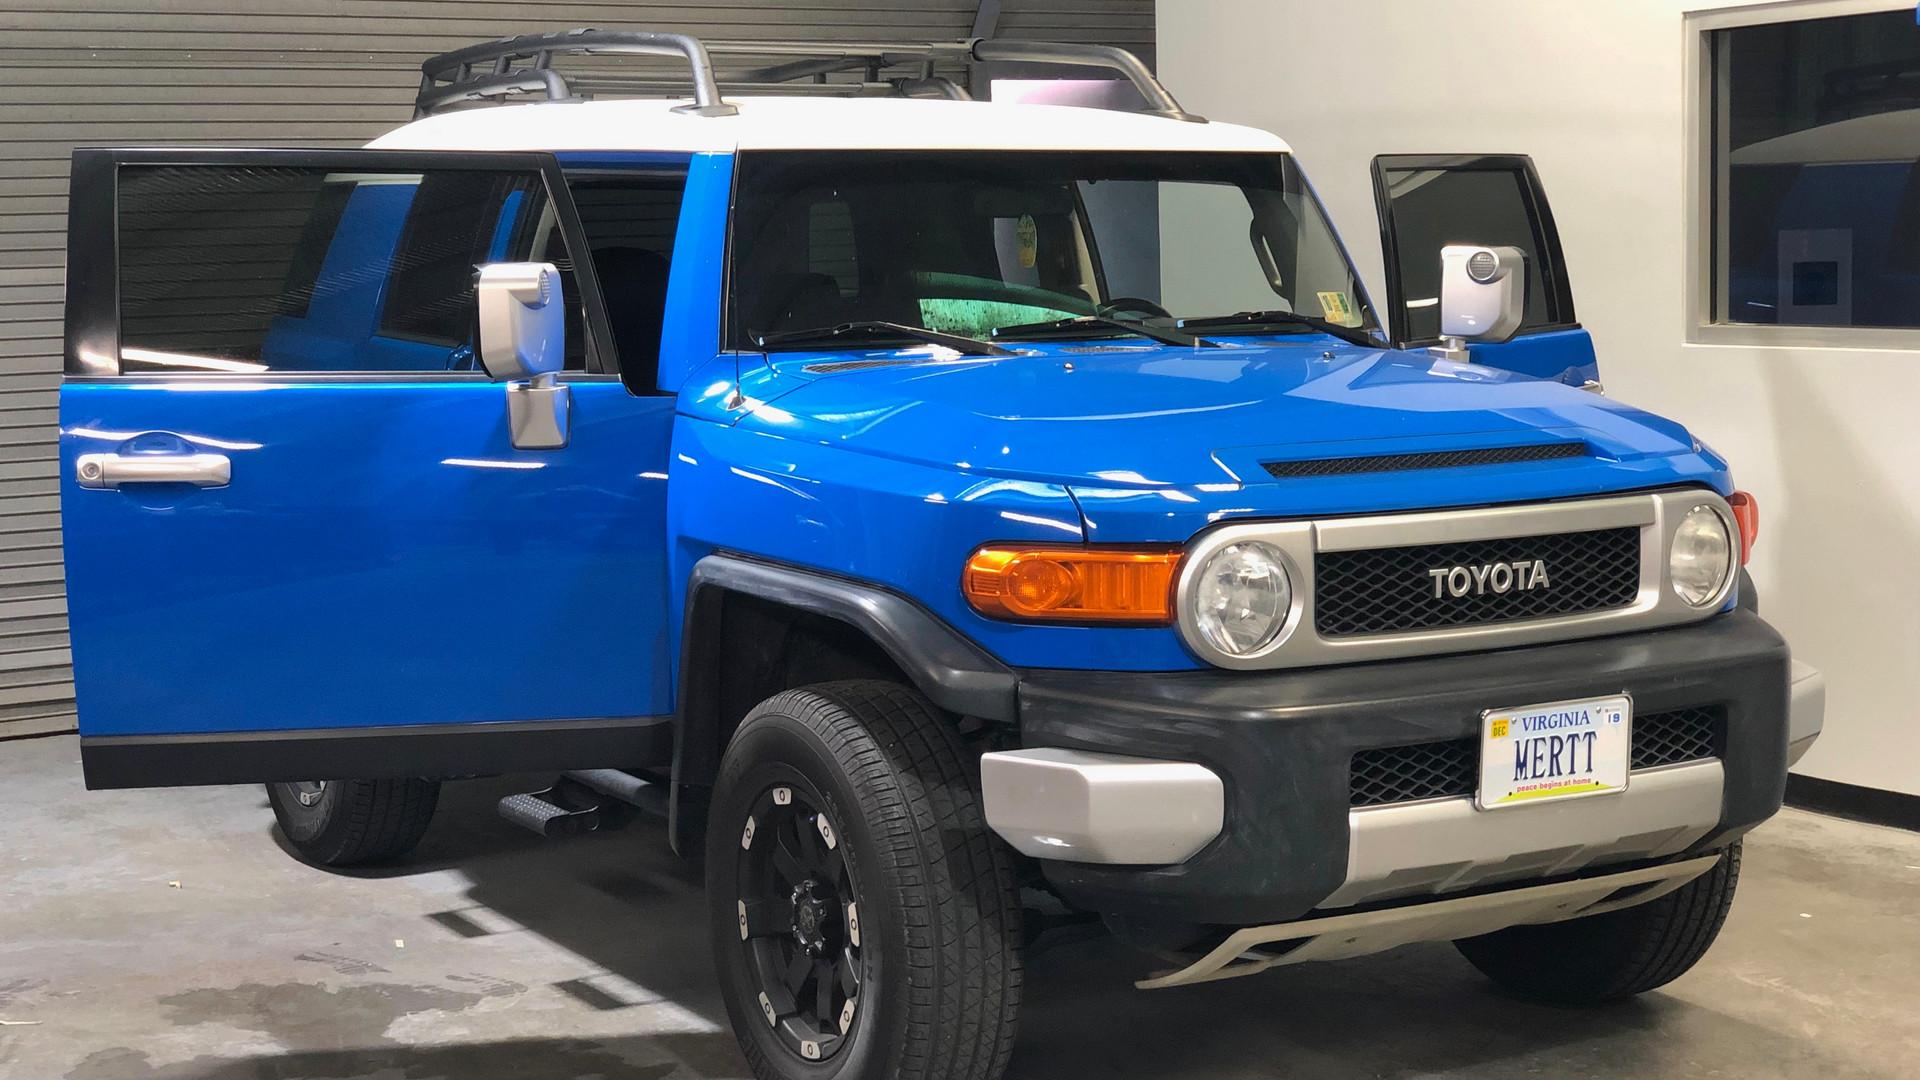 Toyota Cruiser Tintmax VA